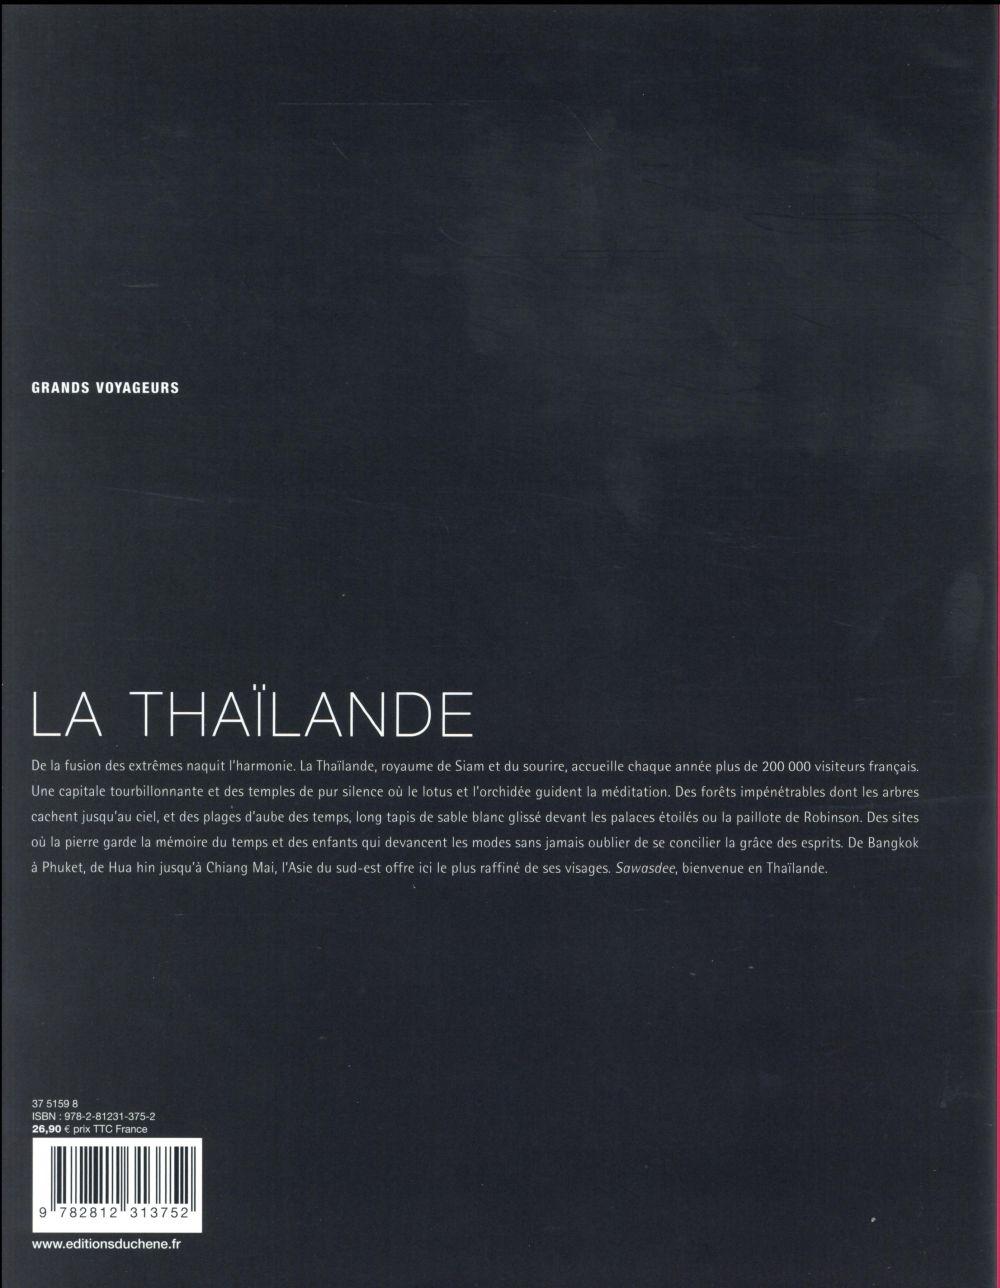 La Thaïlande